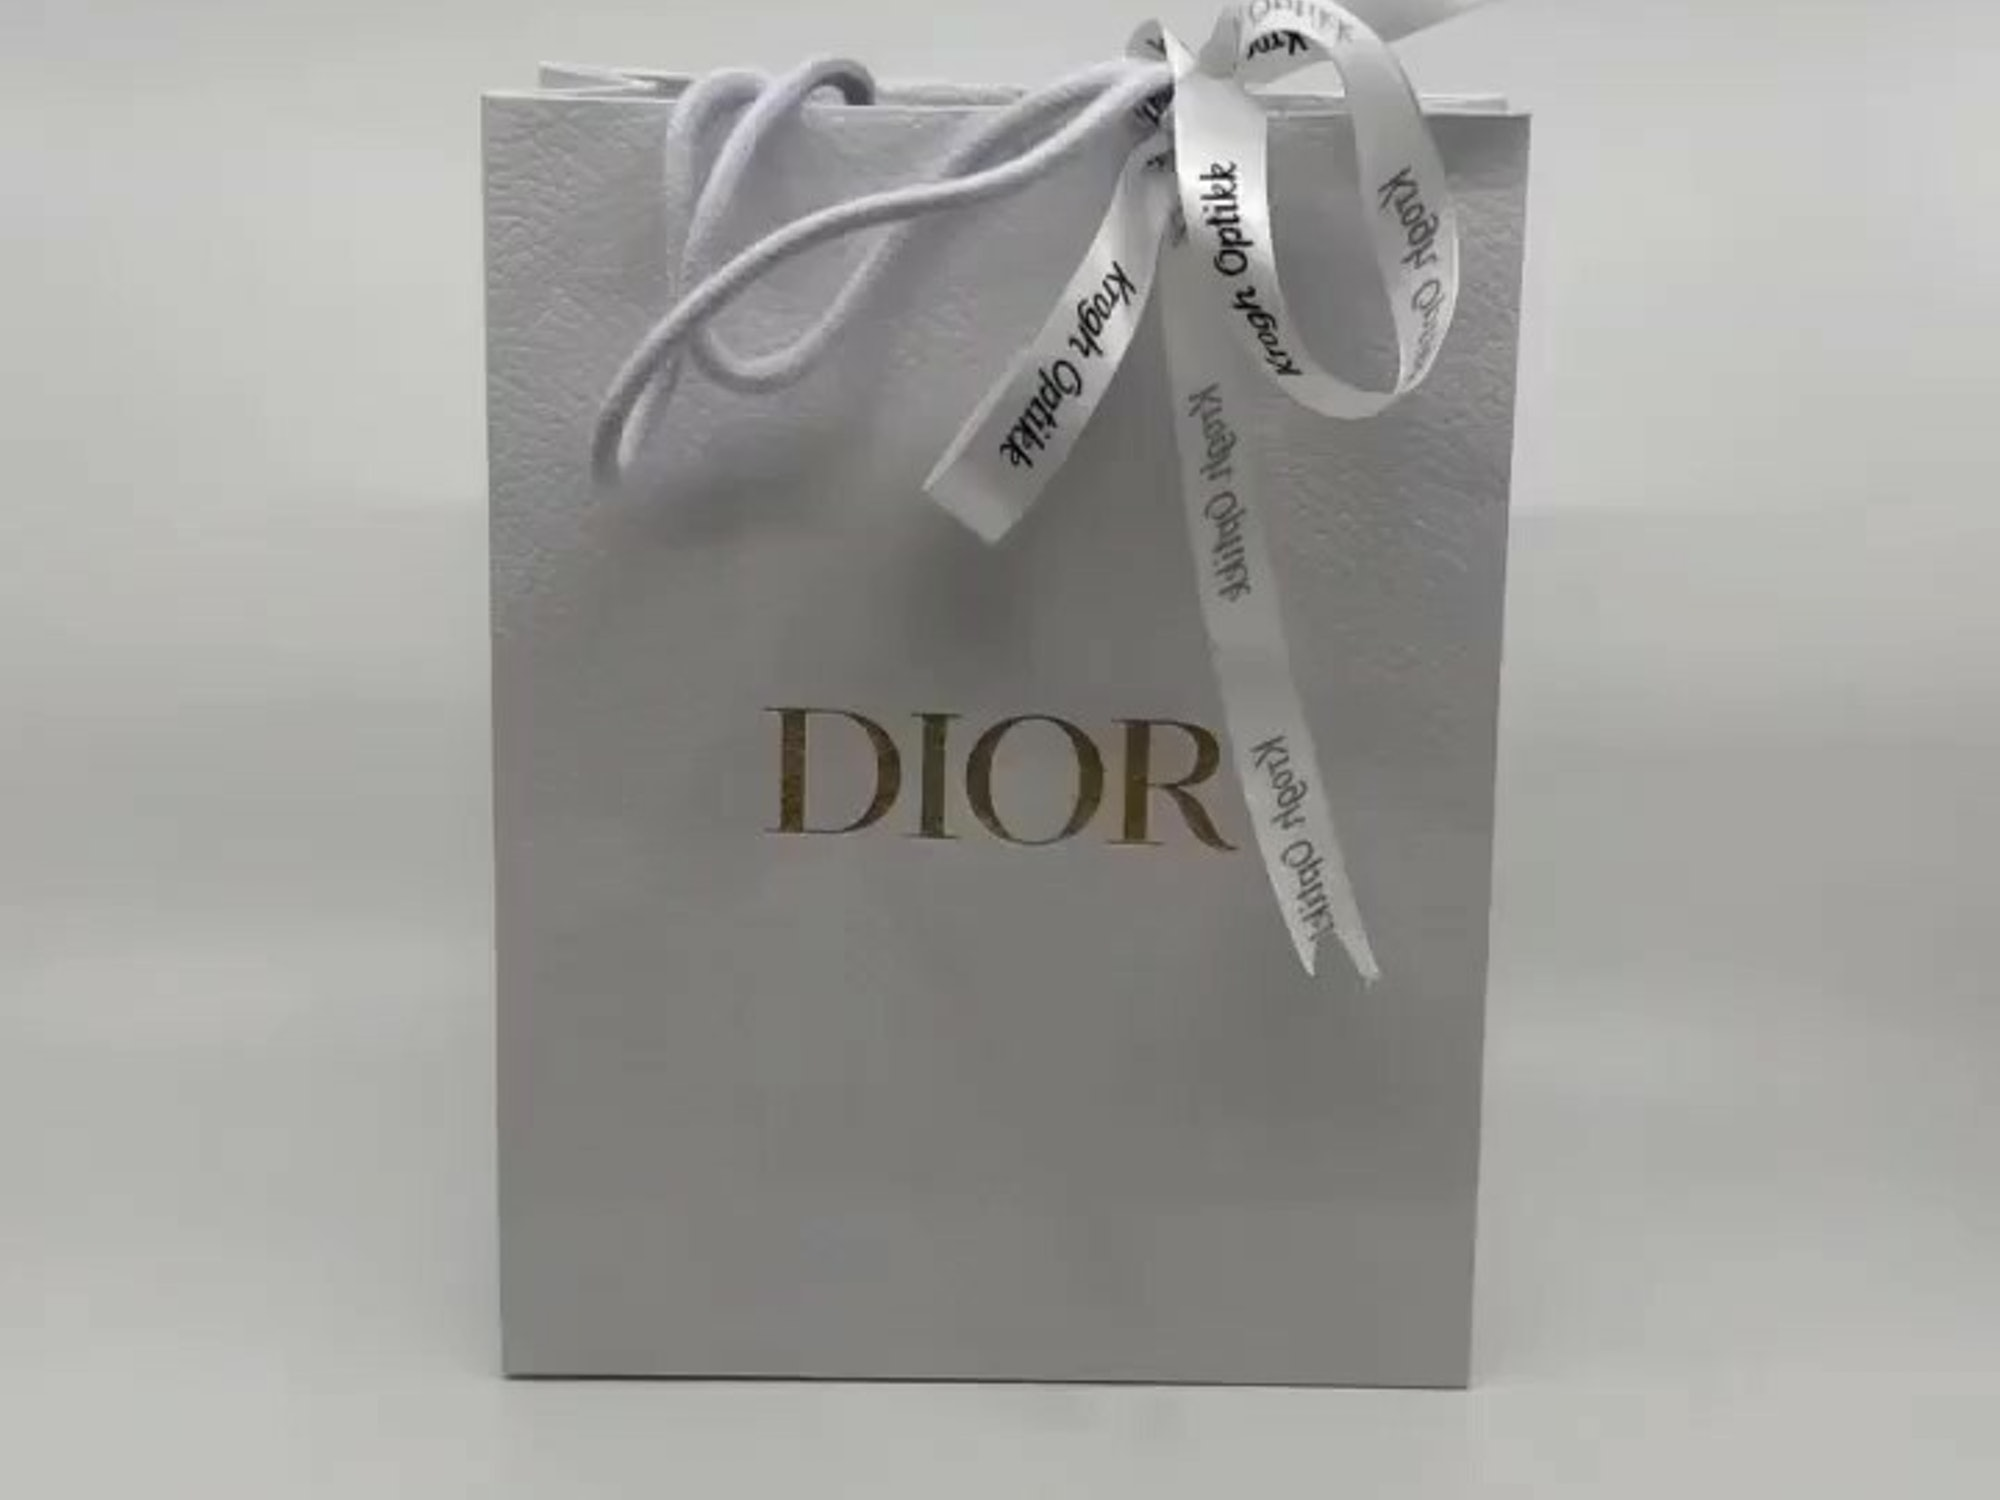 Bilde av Dior-bærepose